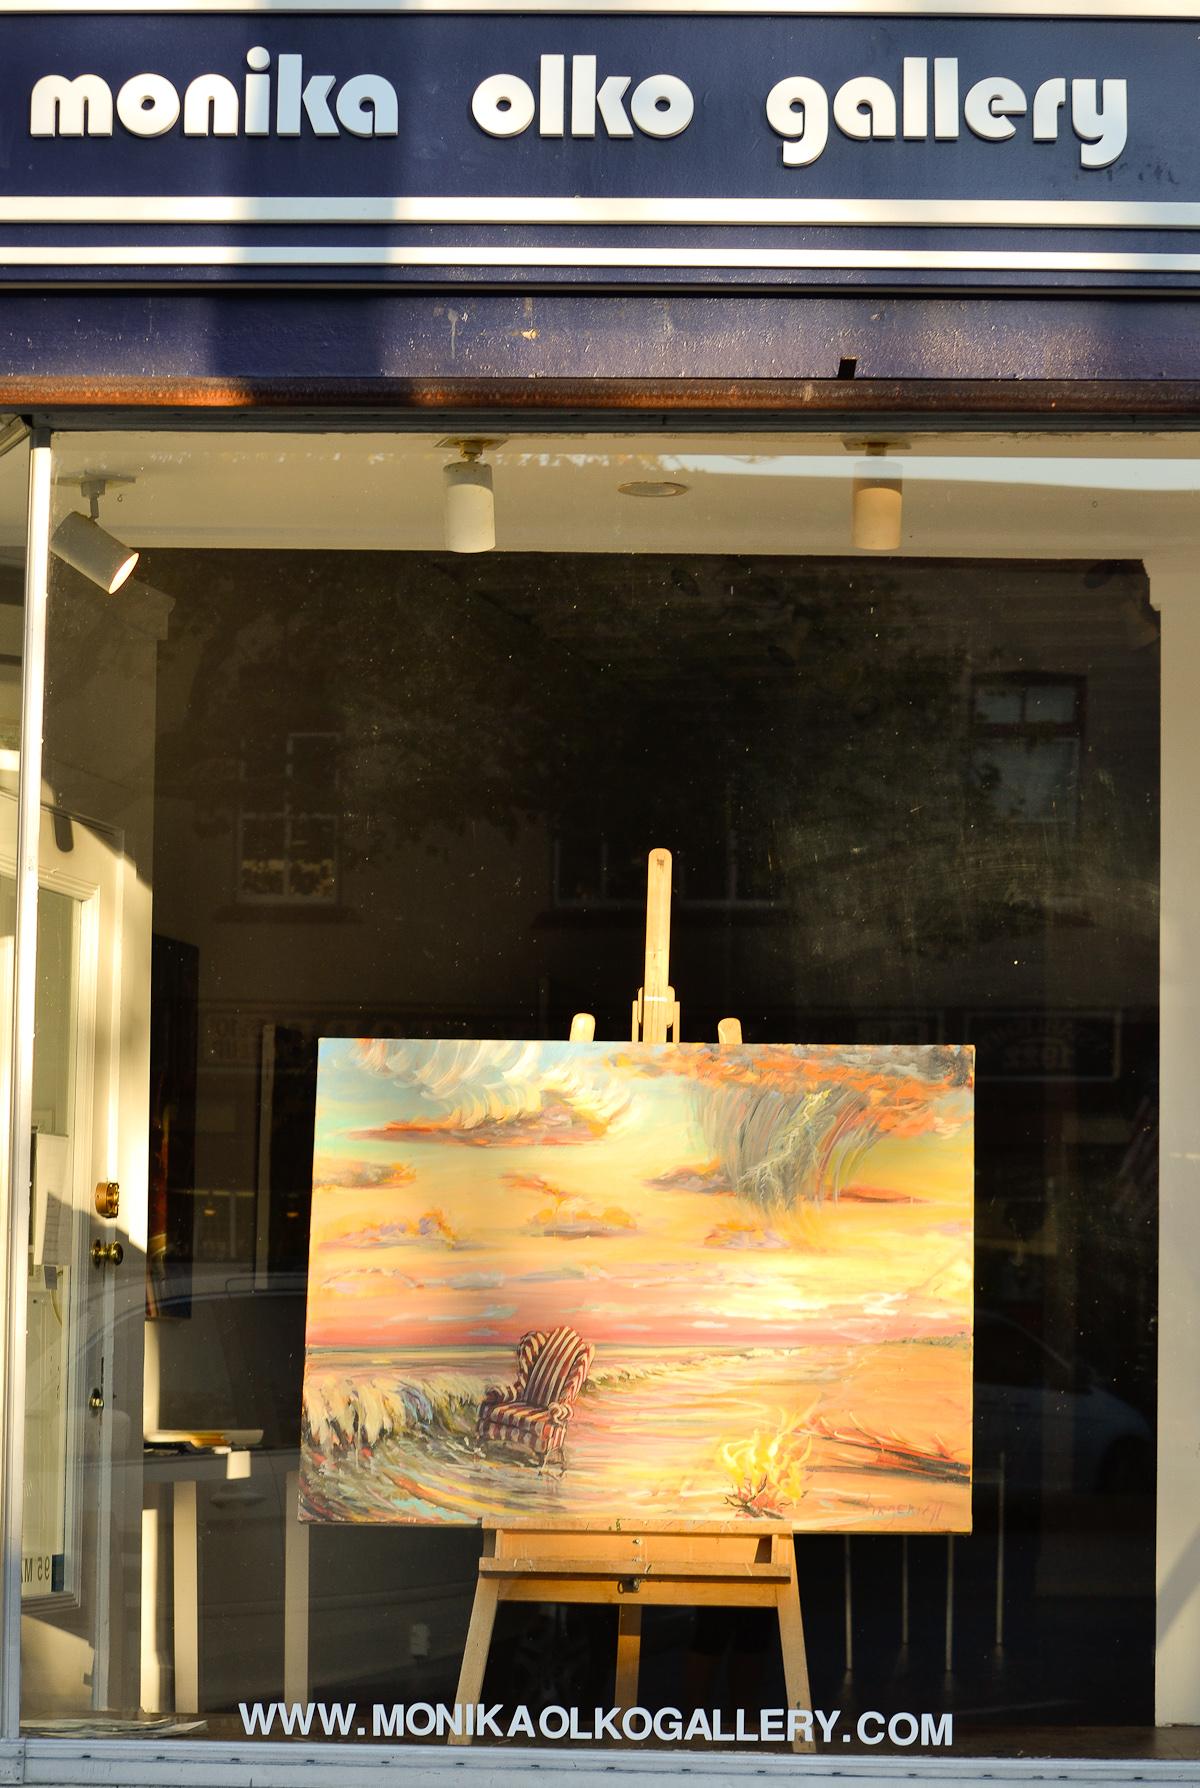 Monika Olko Gallery